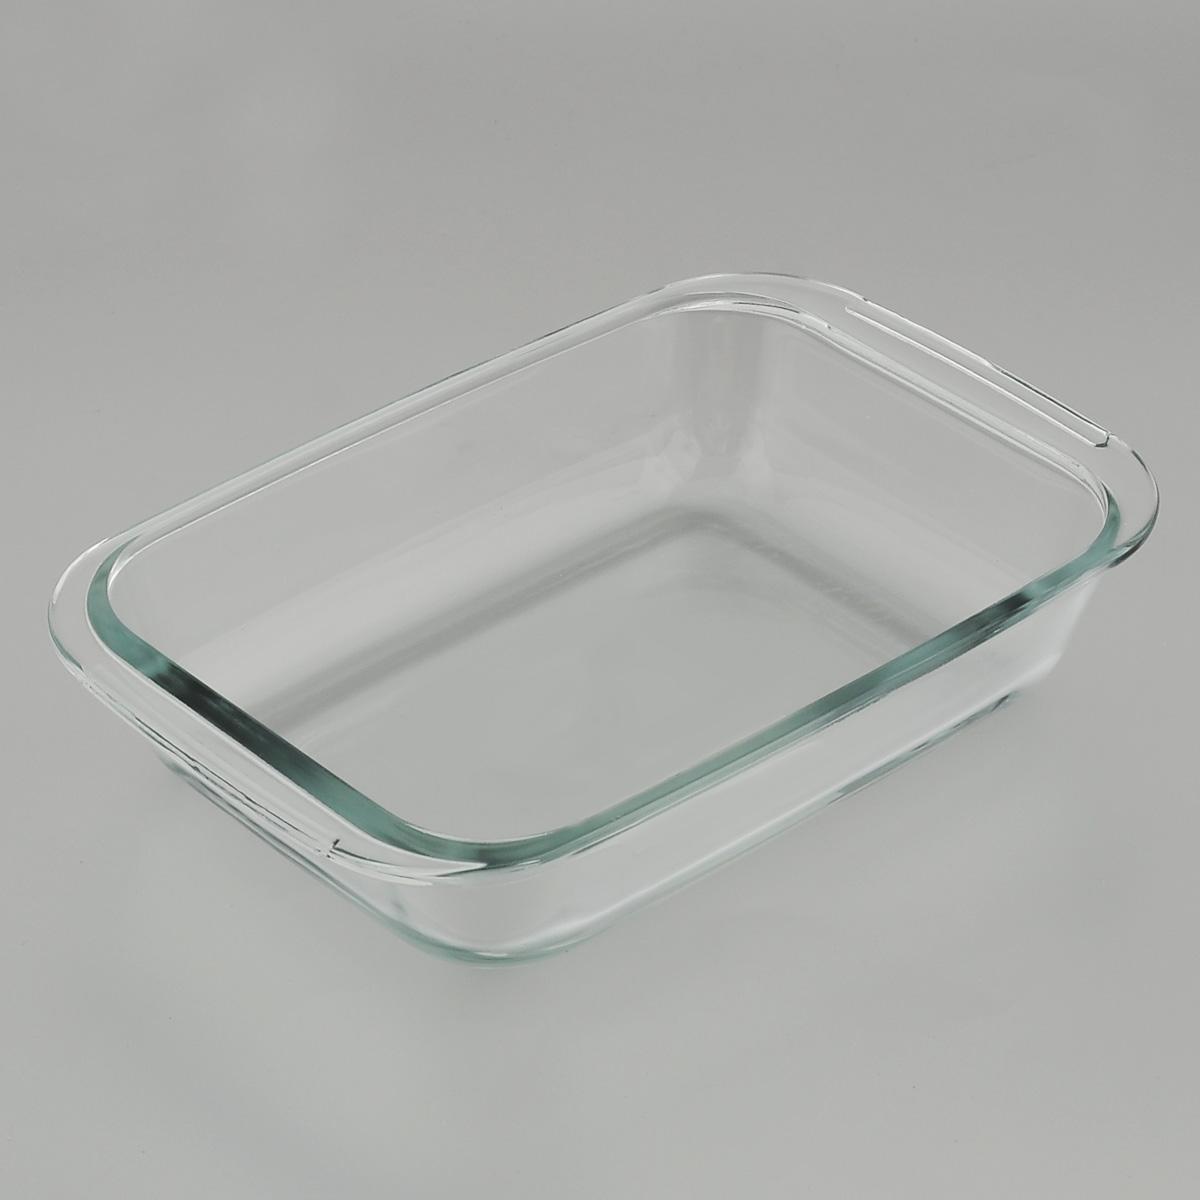 """Прямоугольная форма для запекания """"Mijotex"""" изготовлена из жаропрочного стекла,  которое выдерживает температуру до +450°С. Форма предназначена для  приготовления горячих блюд. Оснащена двумя ручками. Материал изделия гигиеничен, прост в уходе и обладает высокой степенью прочности.  Форма идеально подходит для использования в духовках, микроволновых печах,  холодильниках и морозильных камерах. Также ее можно использовать на газовых  плитах (на слабом огне) и на электроплитах. Можно мыть в посудомоечной  машине. Внутренний размер формы: 19 см х 15 см. Внешний размер формы (с учетом ручек): 23 см х 15 см.  Высота стенки формы: 5 см."""